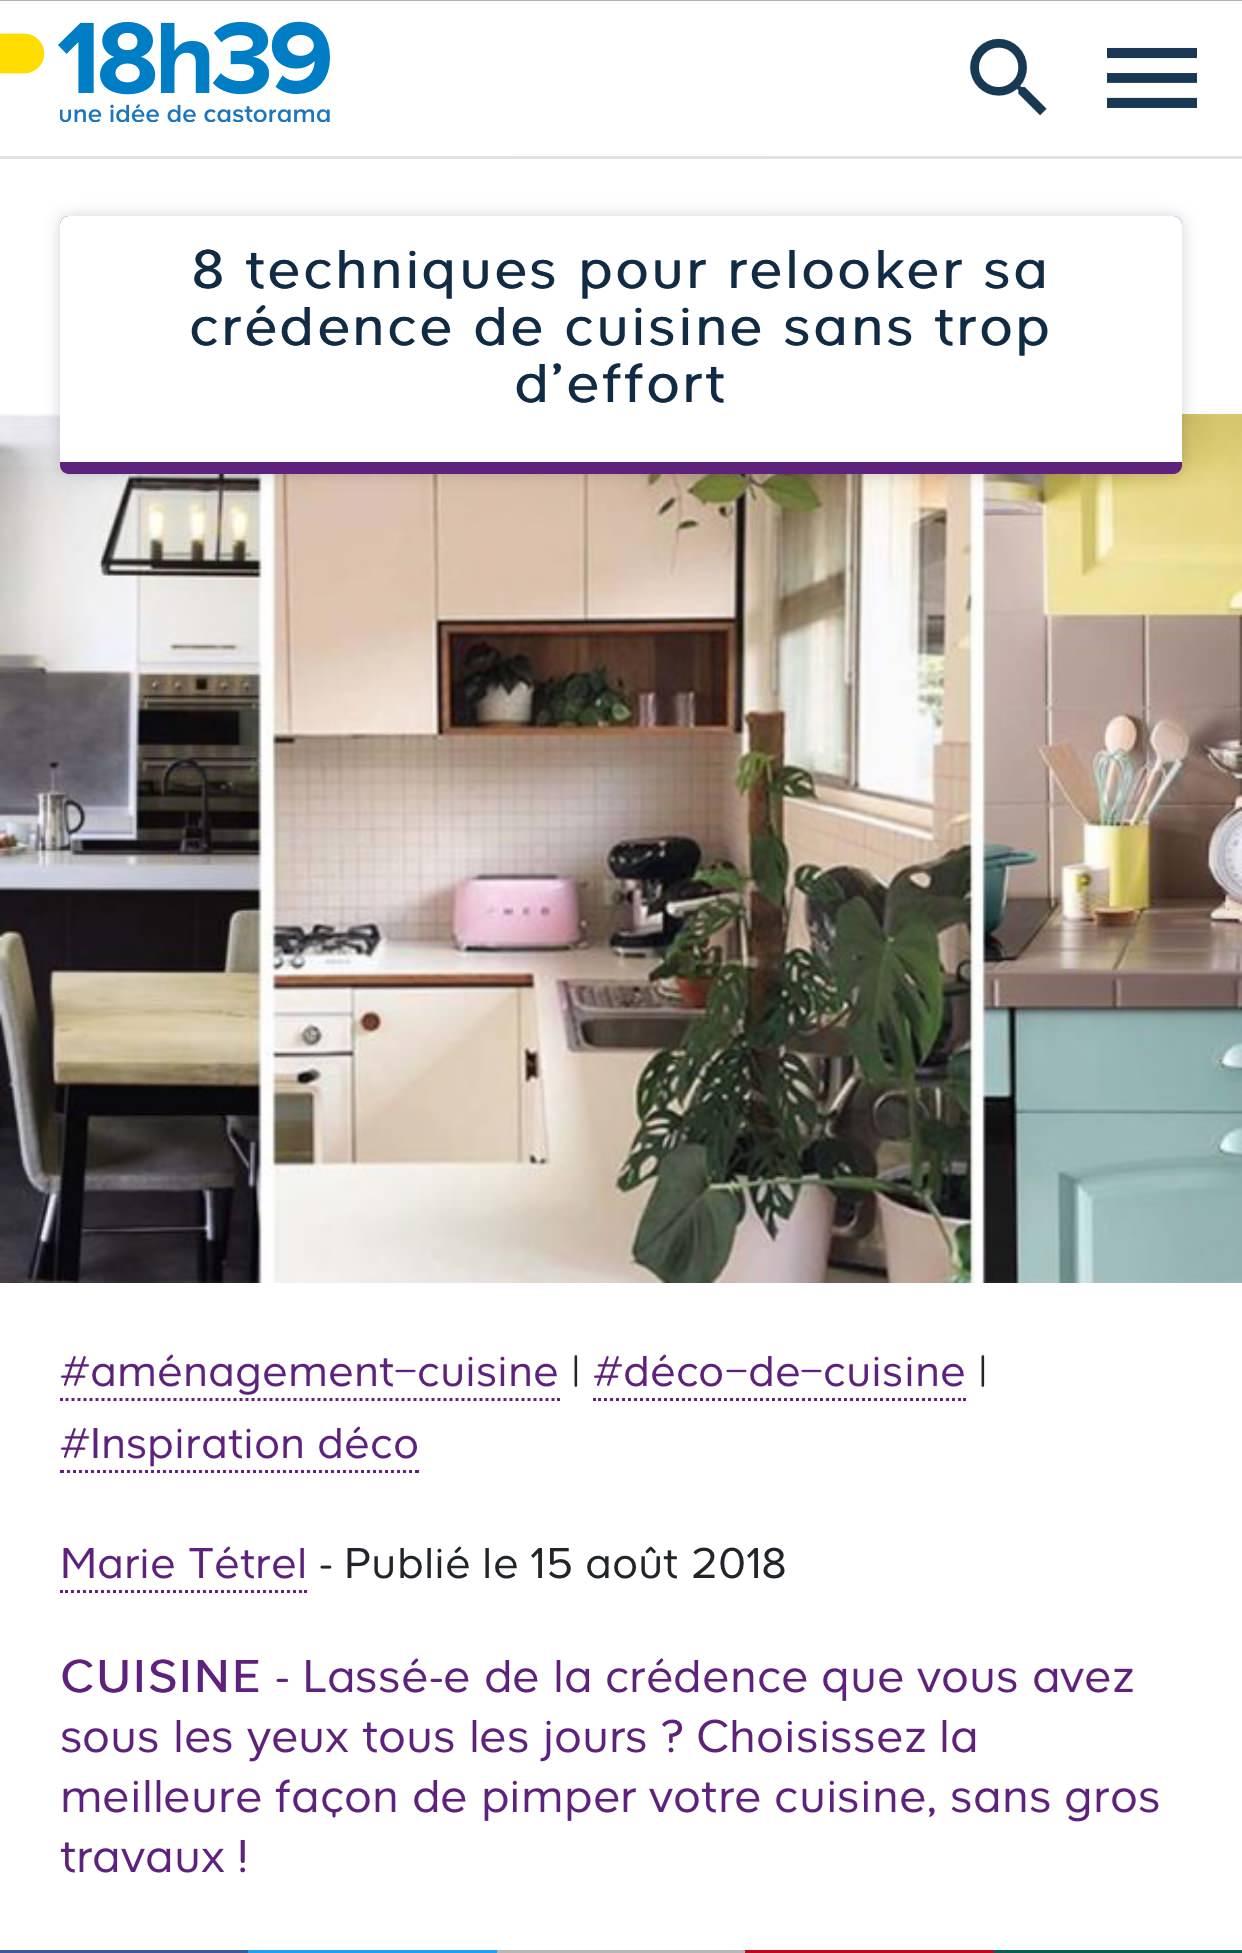 15 août 2018 - 8 techniques pour relooker sa crédence de cuisine sans trop d'eff